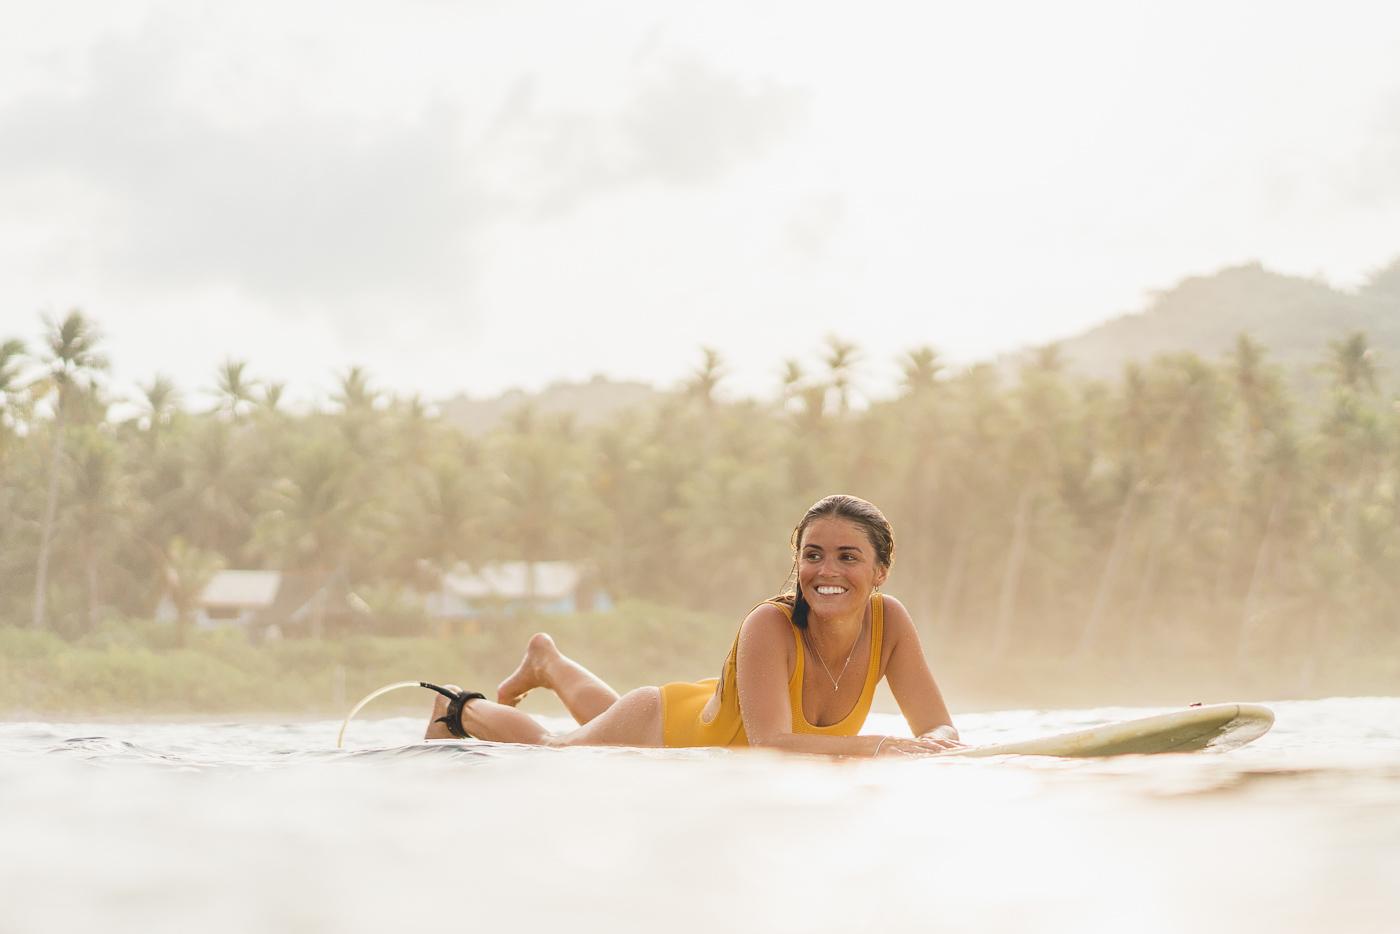 Babe jess Davis Surfing in philippines